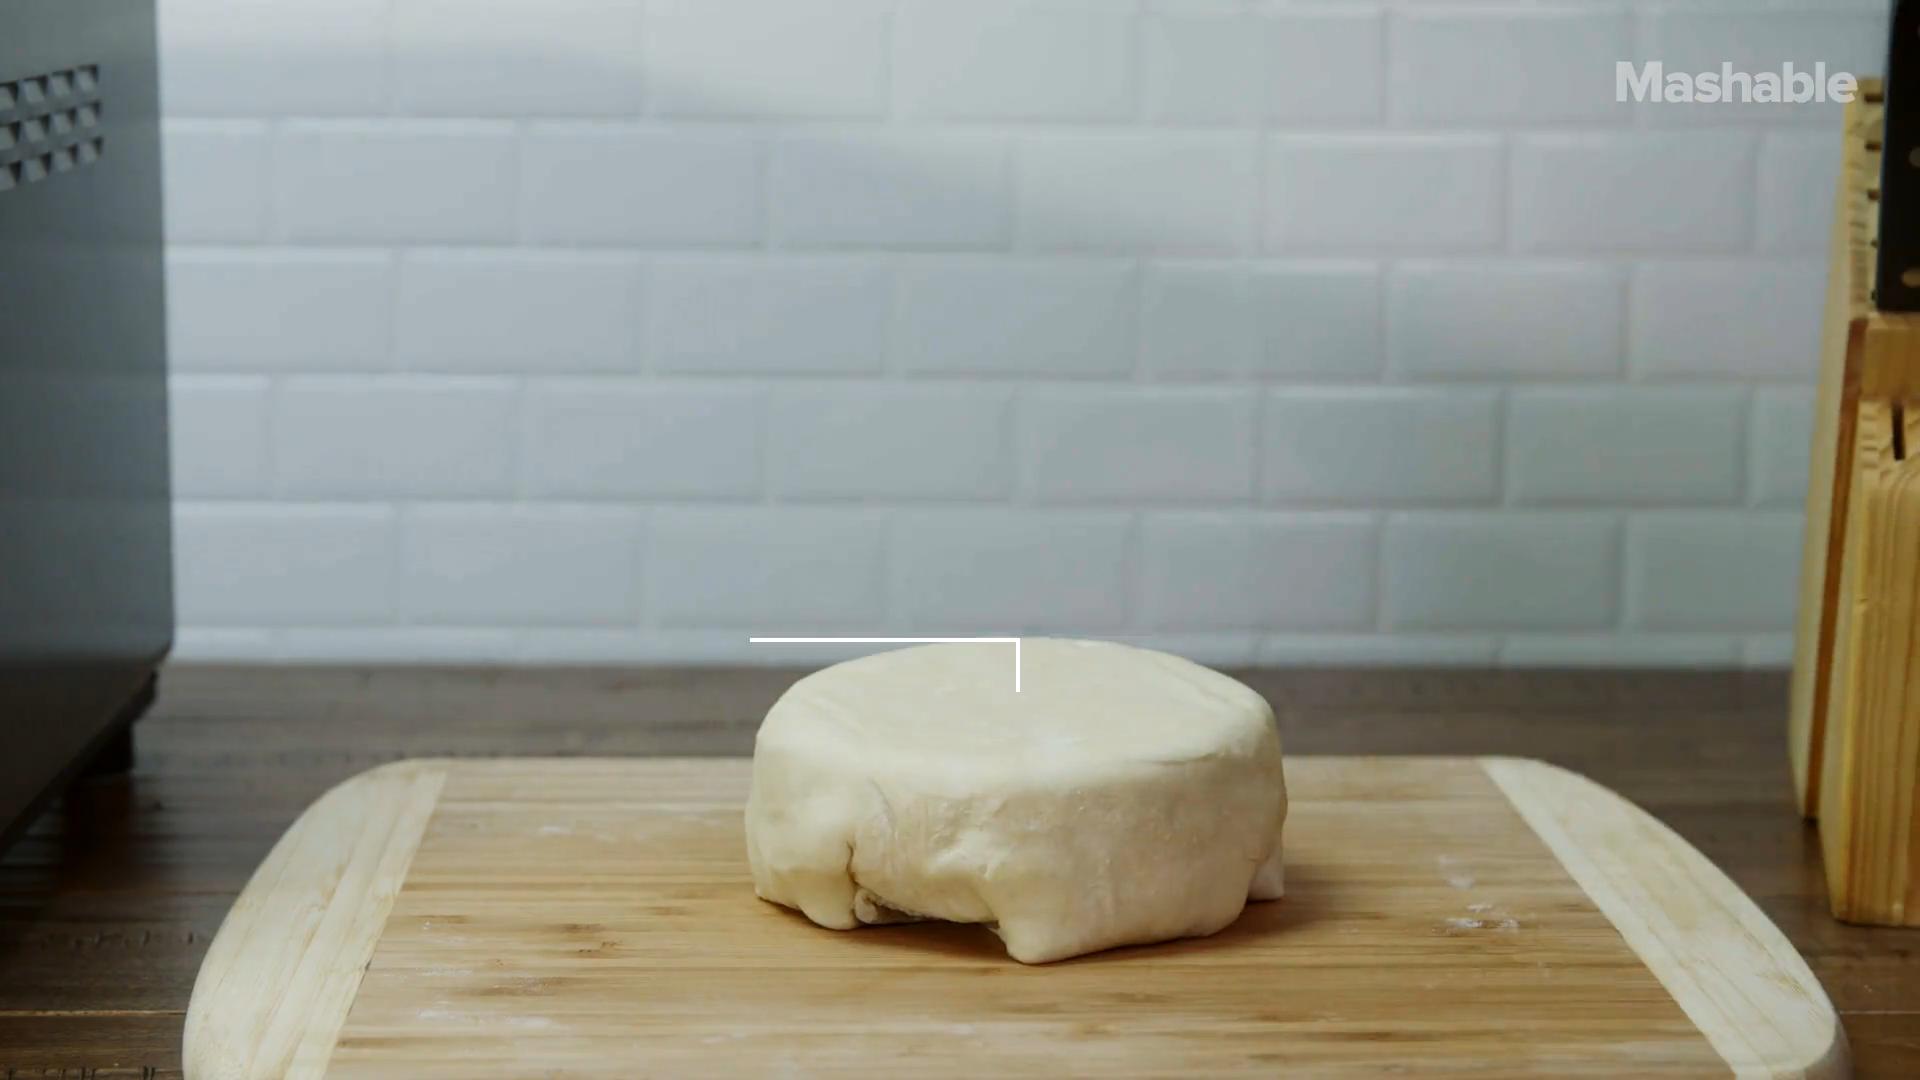 queso brie horno 10